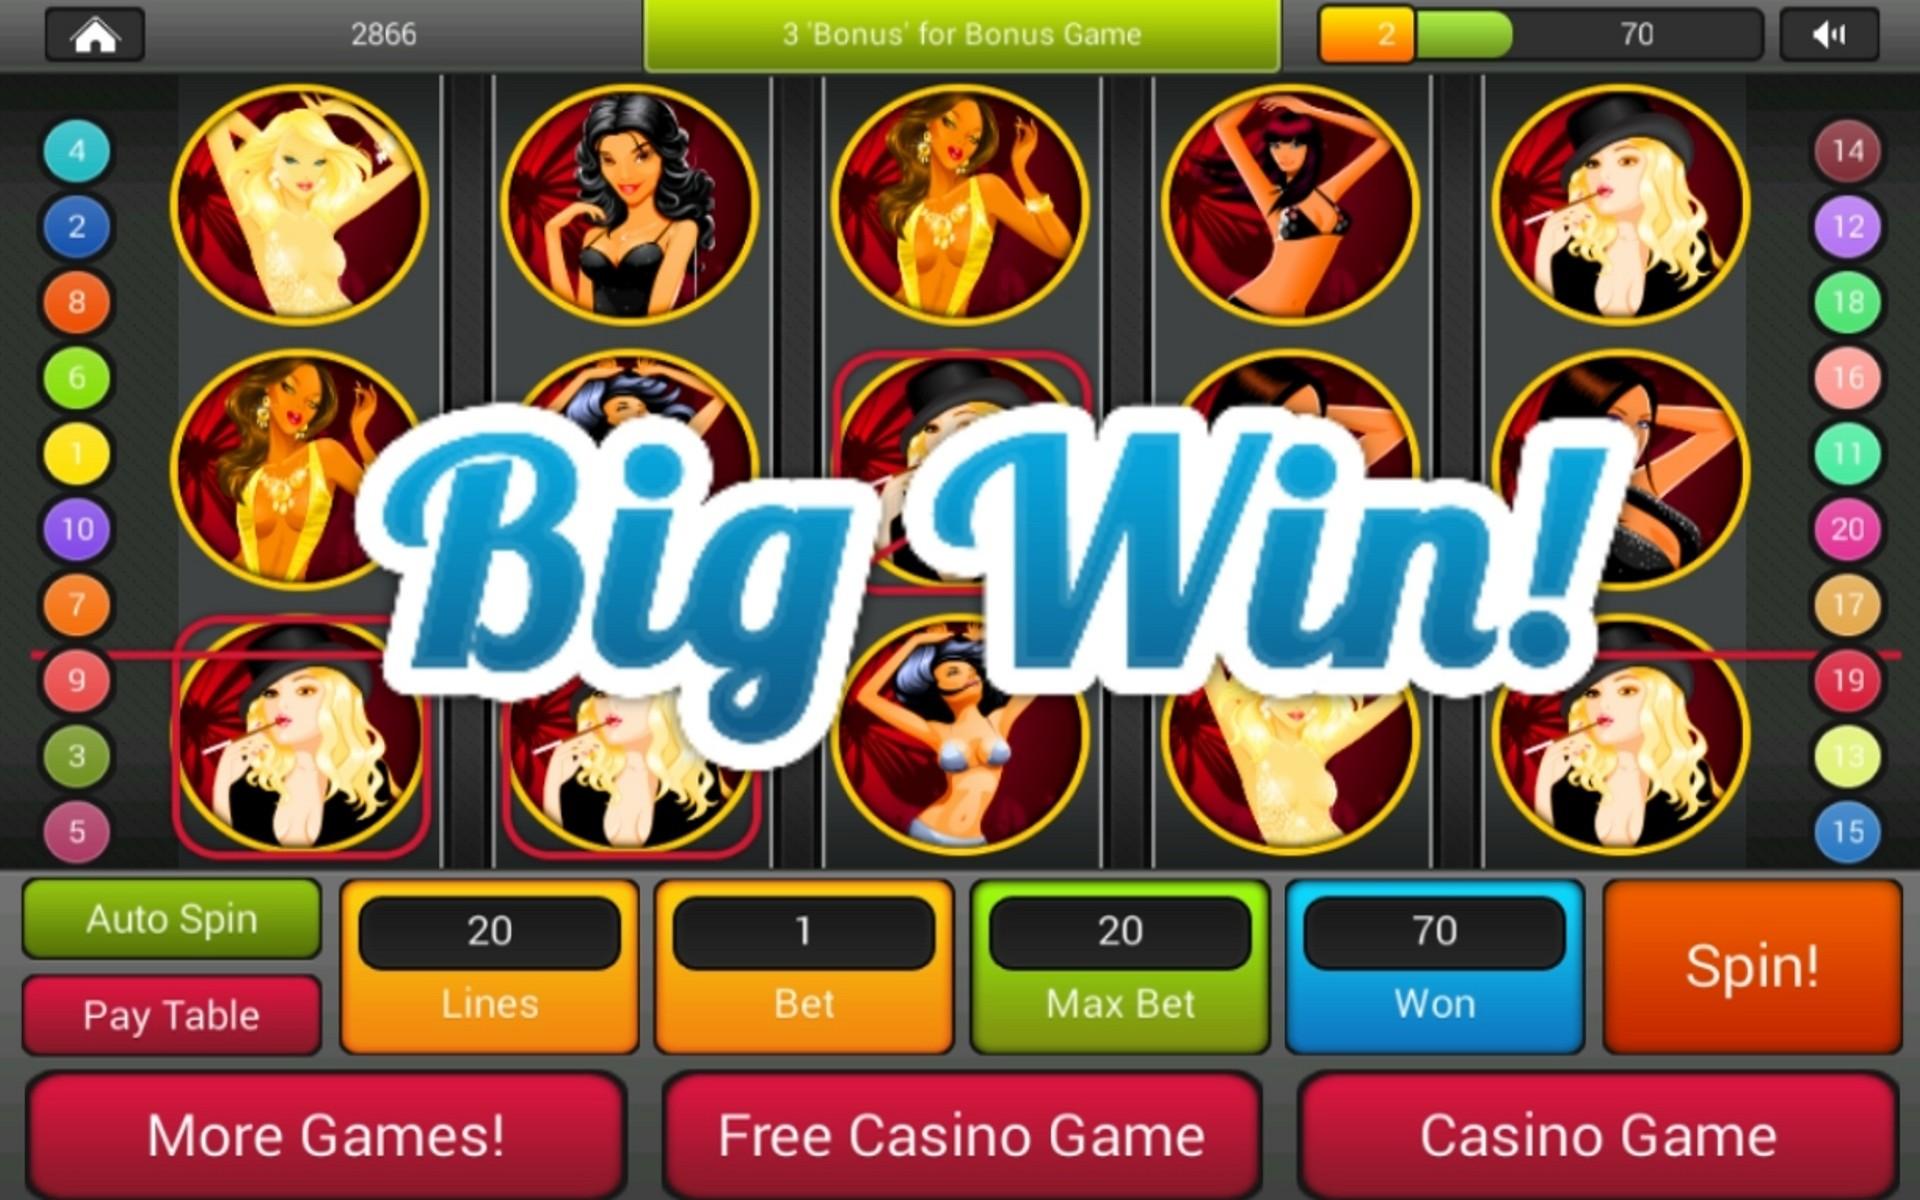 jackpot lotto 6 aus 49 geknackt